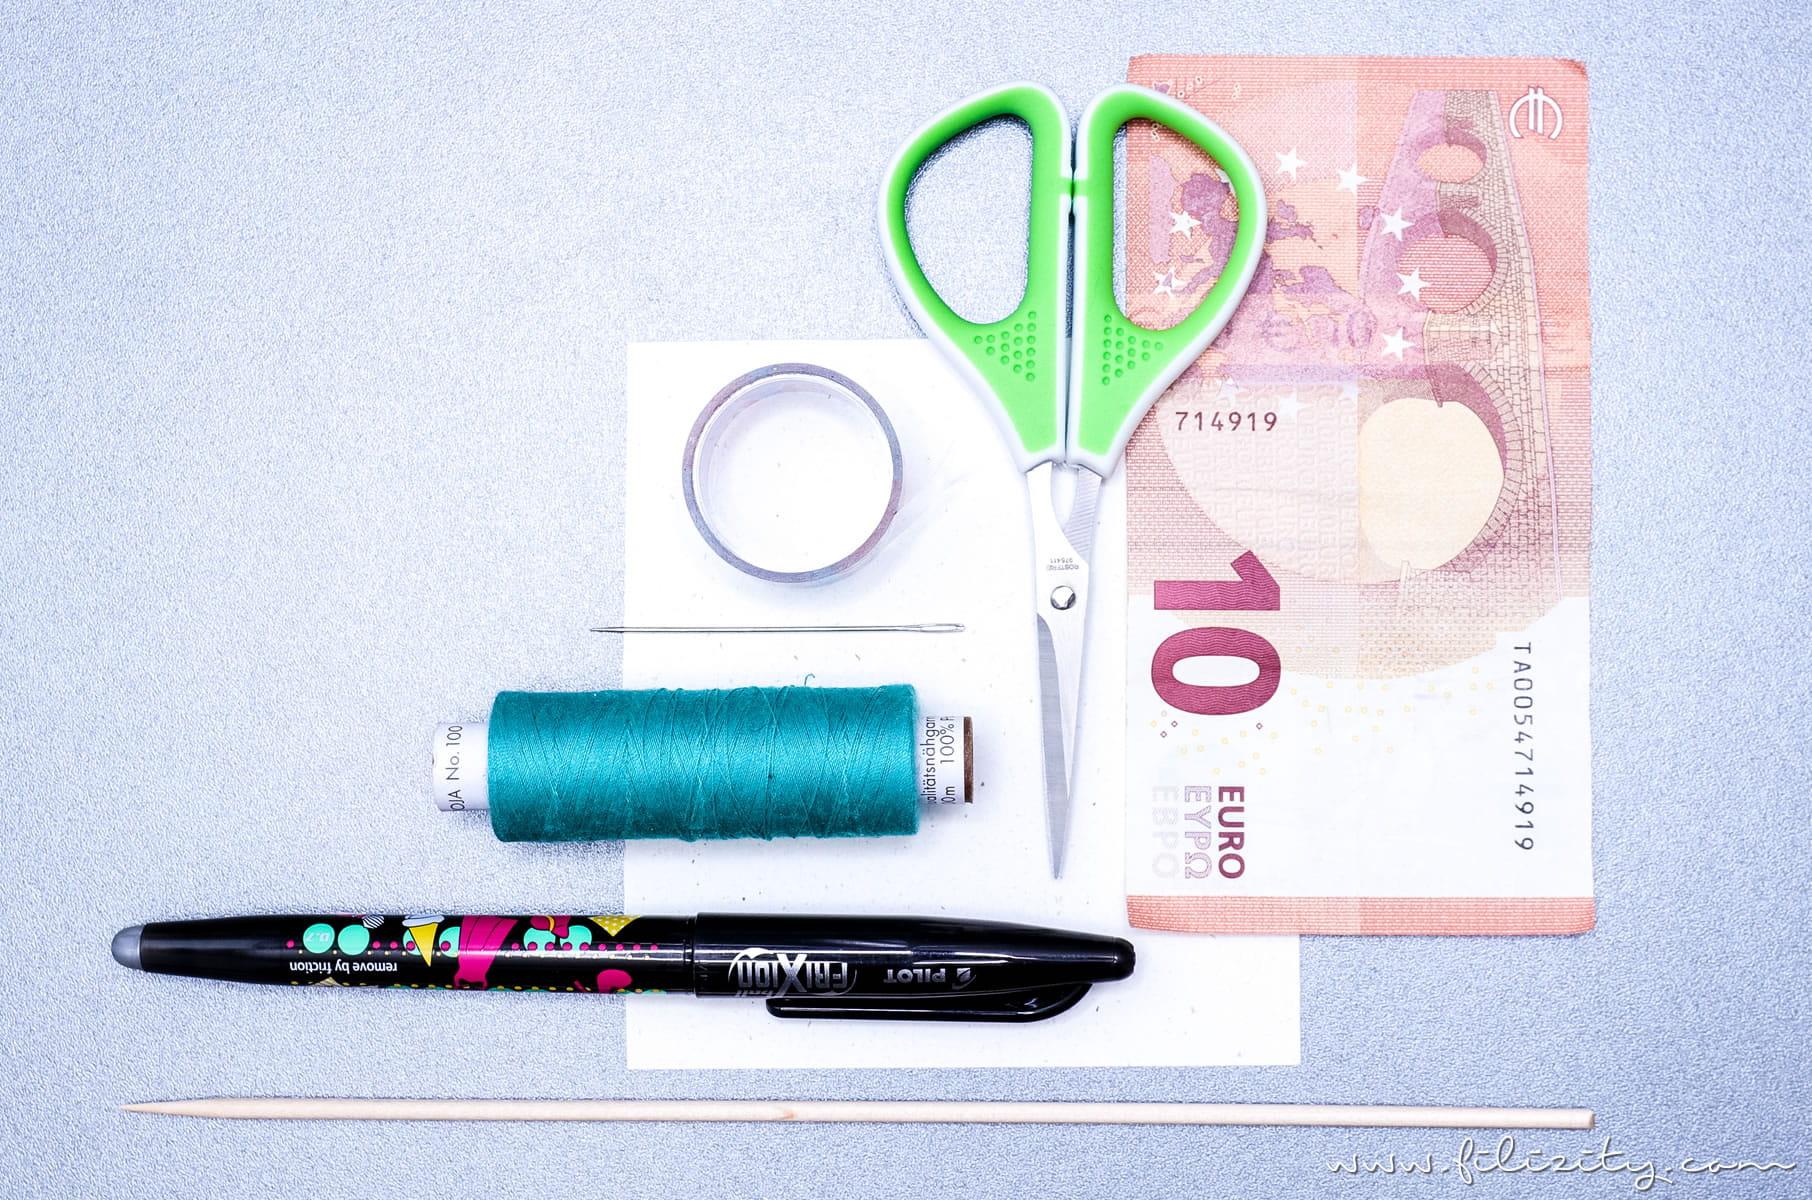 Origami Lamas aus Geldscheinen falten | Kreatives Geldgeschenk zum Geburtstag, zur Taufe oder zur Hochzeit | Filizity.com | DIY-Blog aus dem Rheinland #geschenkideen #origami #lama